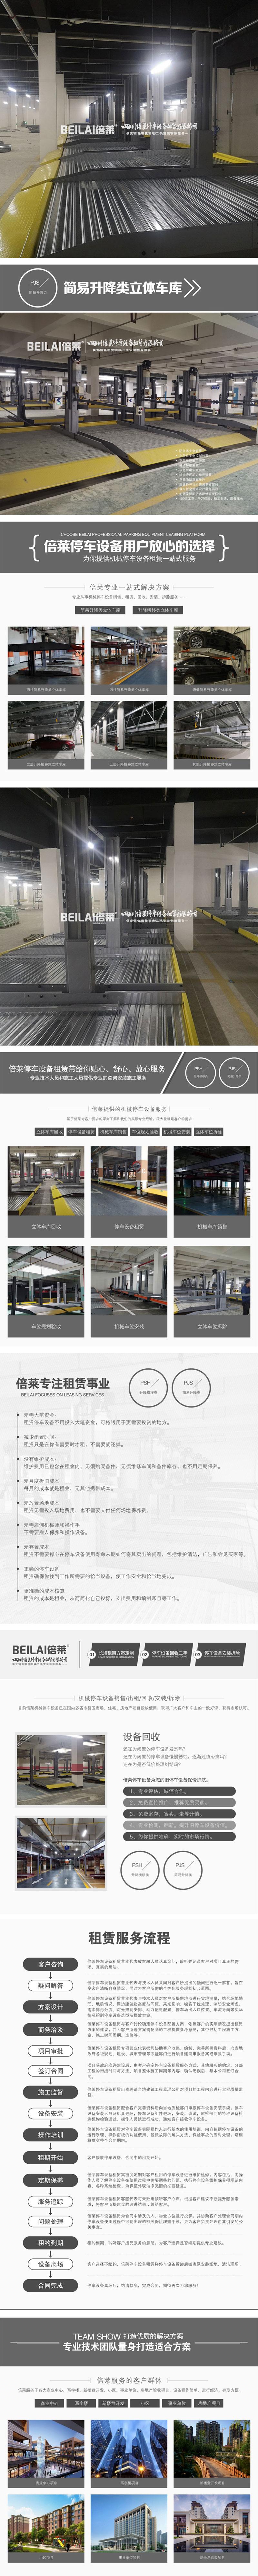 貴陽機械立體車庫廠家二手成華立體車庫設備倍萊簡易立體車庫